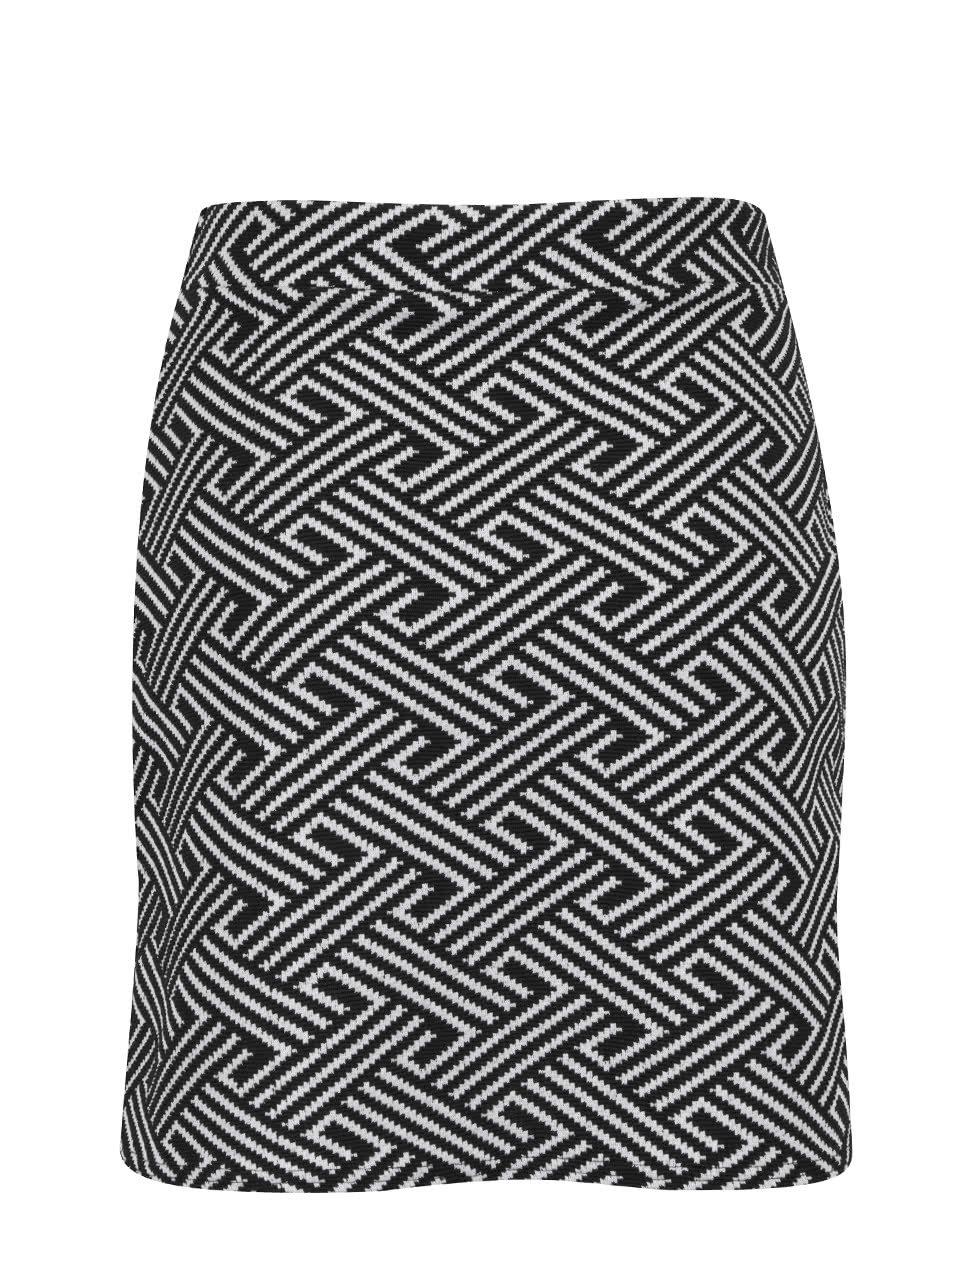 745d62bb1a29 Krémovo-čierna vzorovaná áčková sukňa Miss Selfridge ...